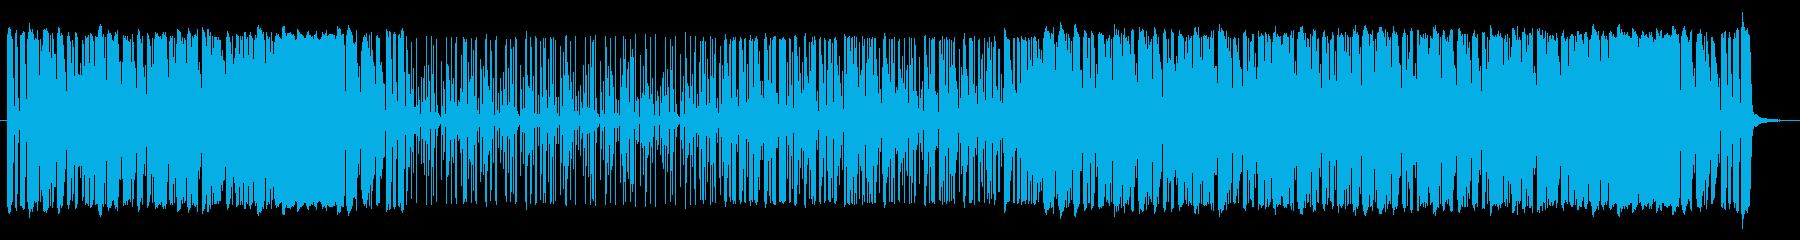 サルサ 楽しげ クール 感情的 エ...の再生済みの波形